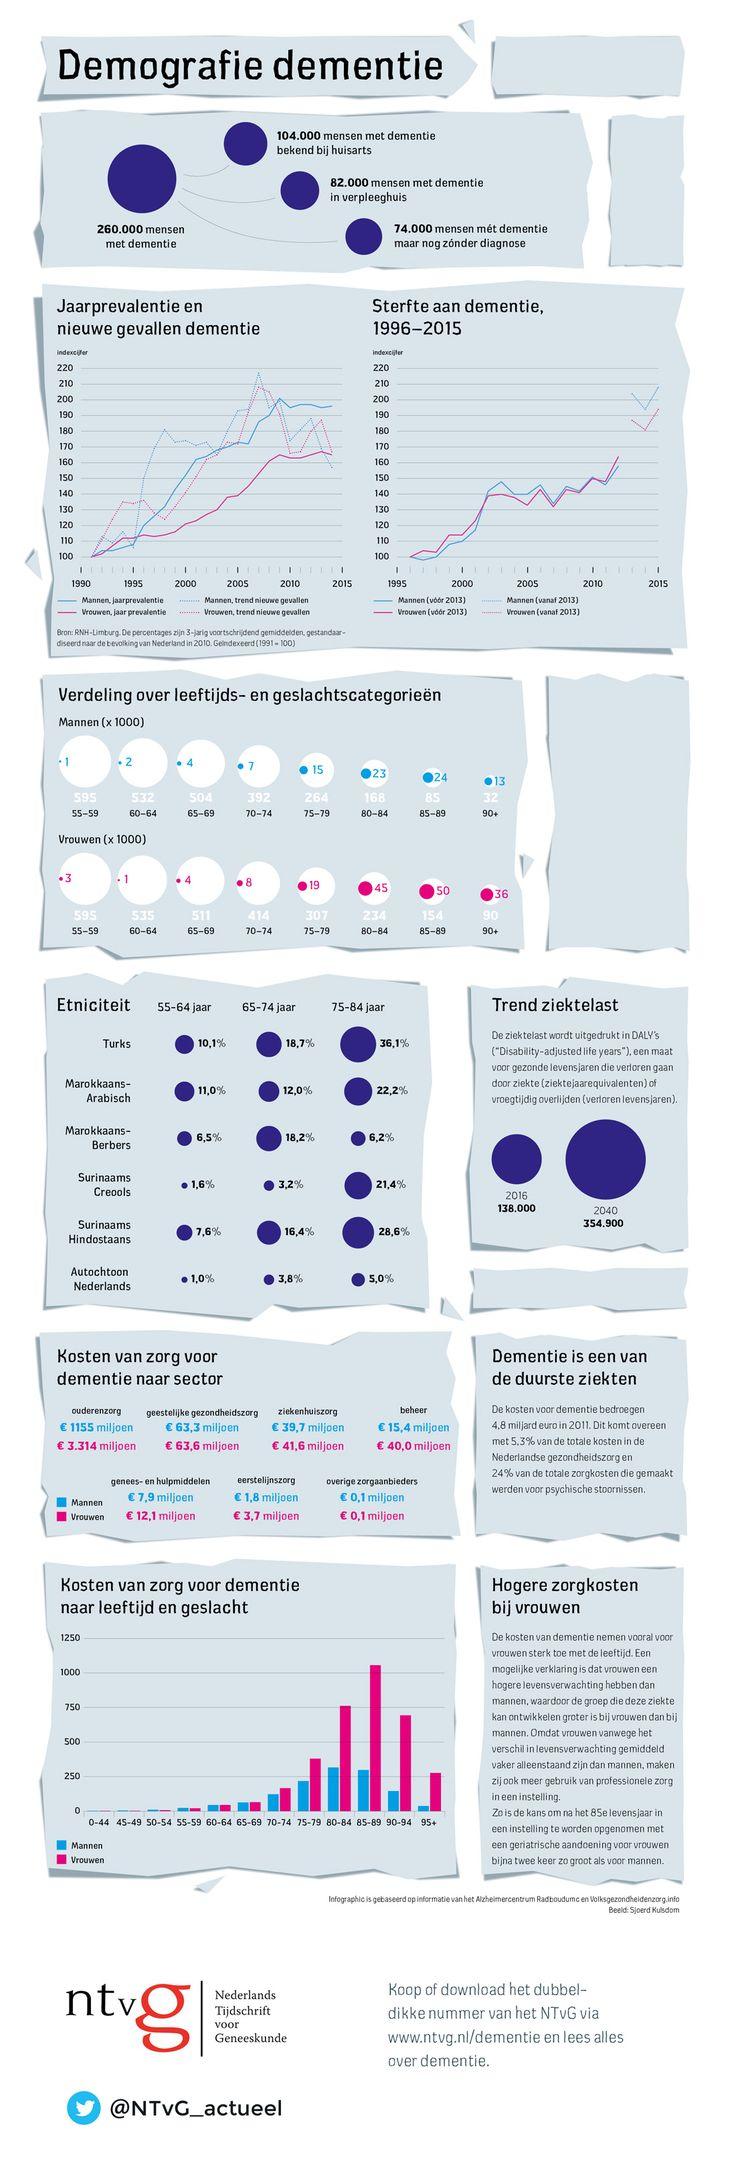 https://www.ntvg.nl/academie/infographics/demografie-dementie